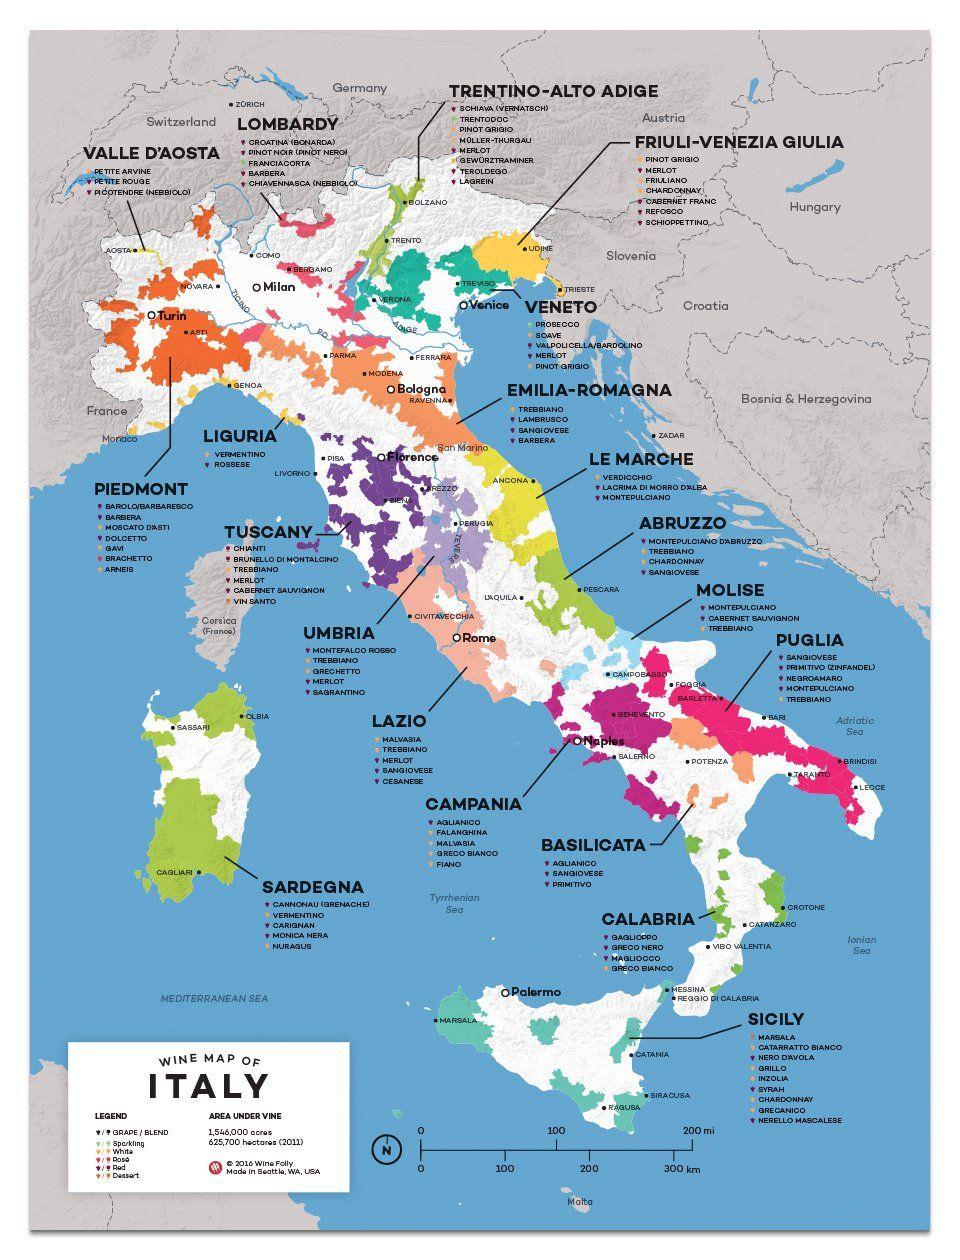 Italy Wine Map Carte des vins, Vin et biere, Vin italien